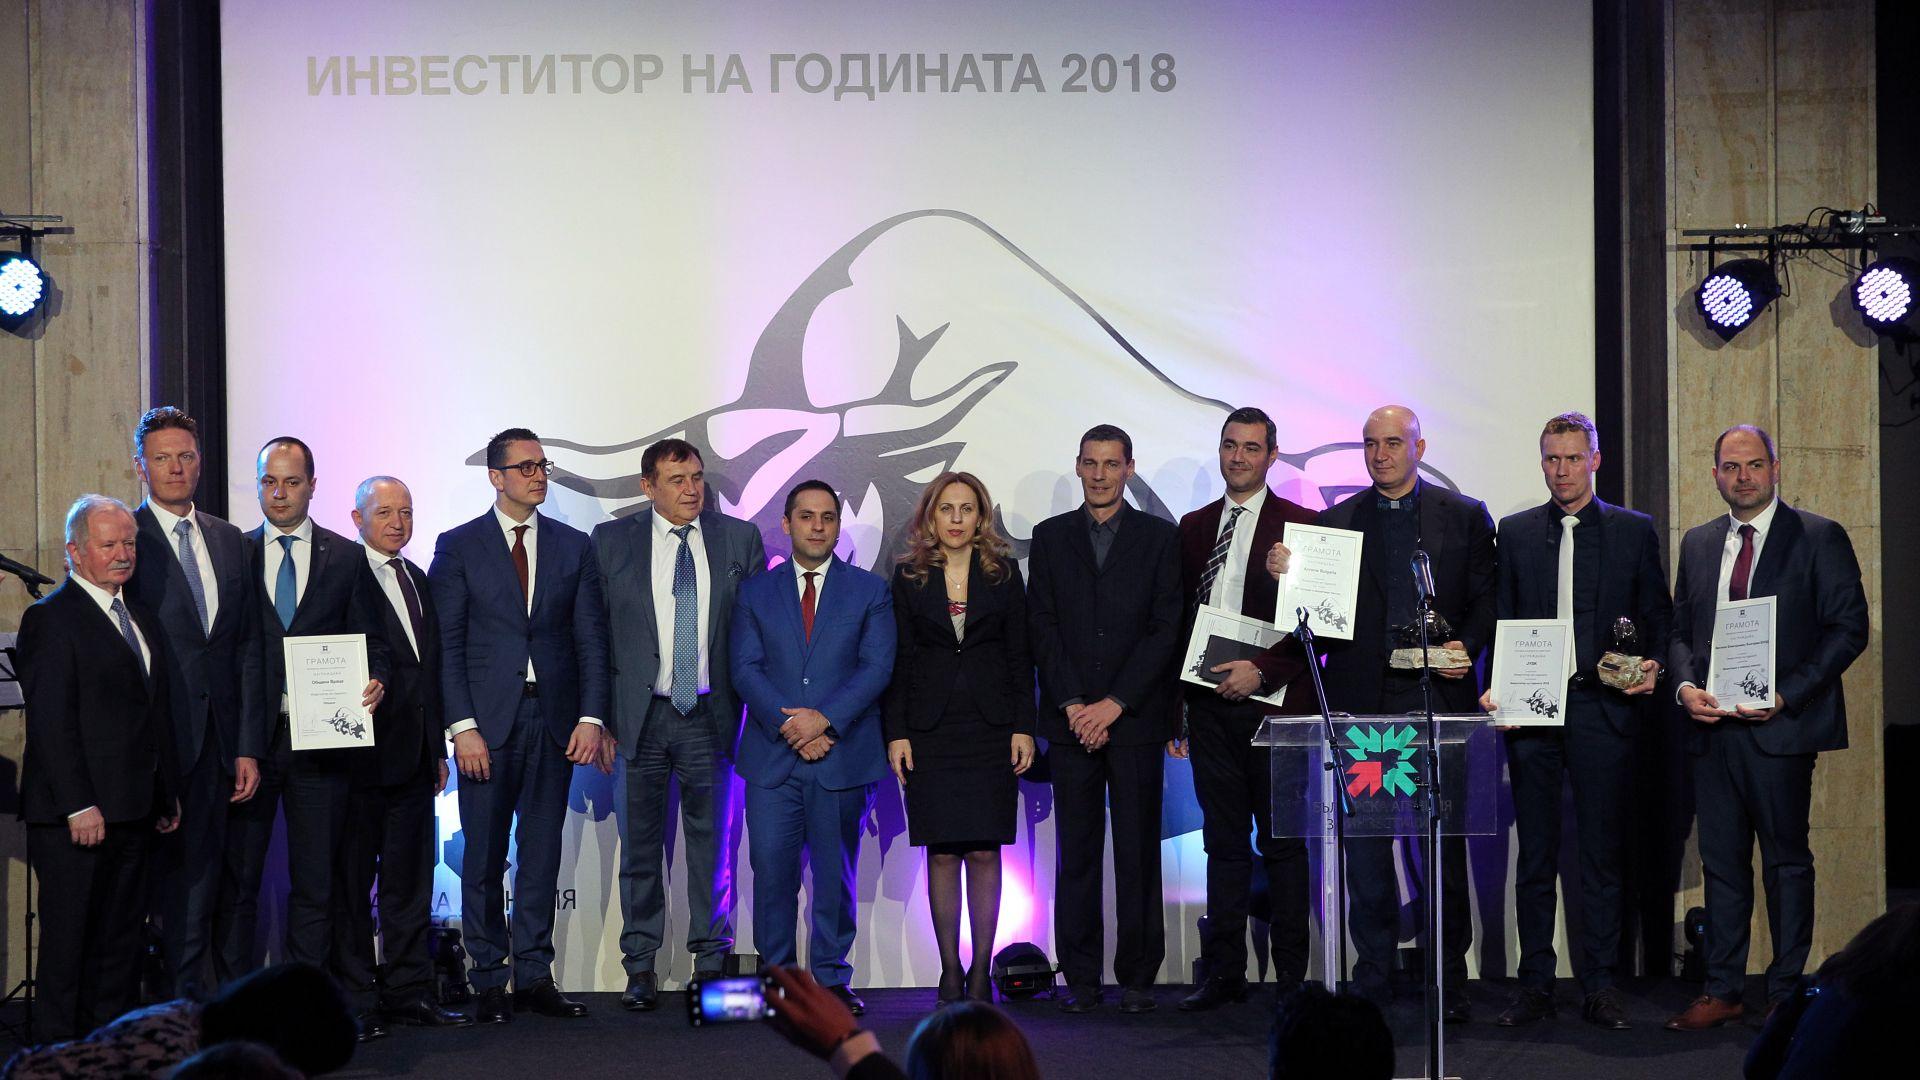 БАИ обяви най-добрите инвеститори за 2018 г. (снимки)